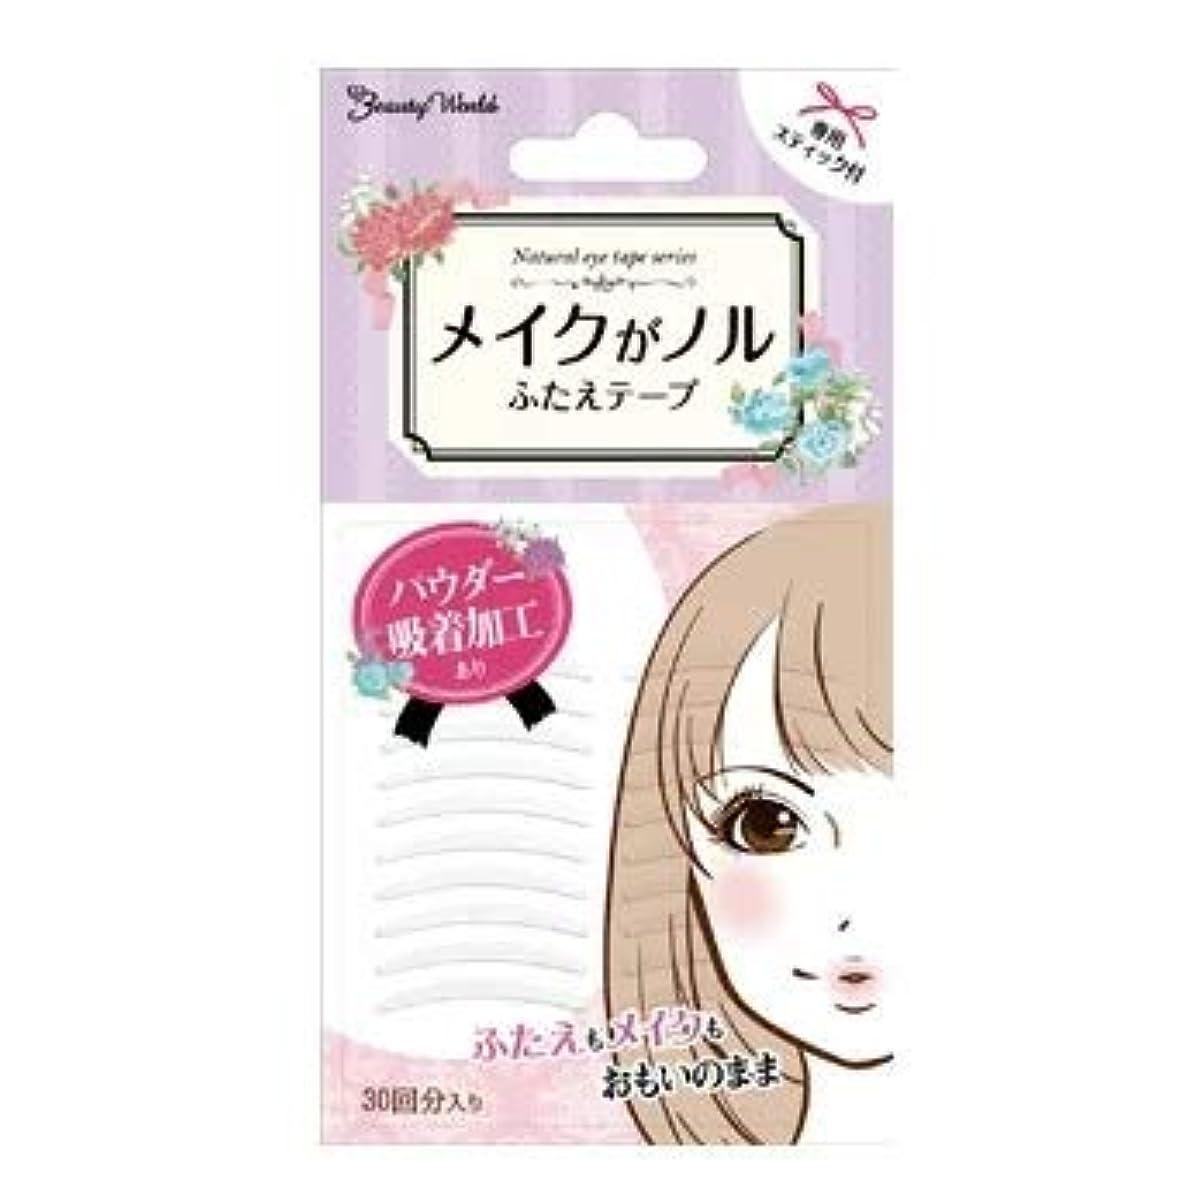 道徳ウッズ混乱させるふたえ用テープ(透明) ENT241 30回分 スティック付き 日本製 メイク 化粧 アイメイク 目 ぱっちり 二重 ふたえ 変身 クリア 自然 素肌 フィット 初心者 簡単 かわいい 女子 女の子